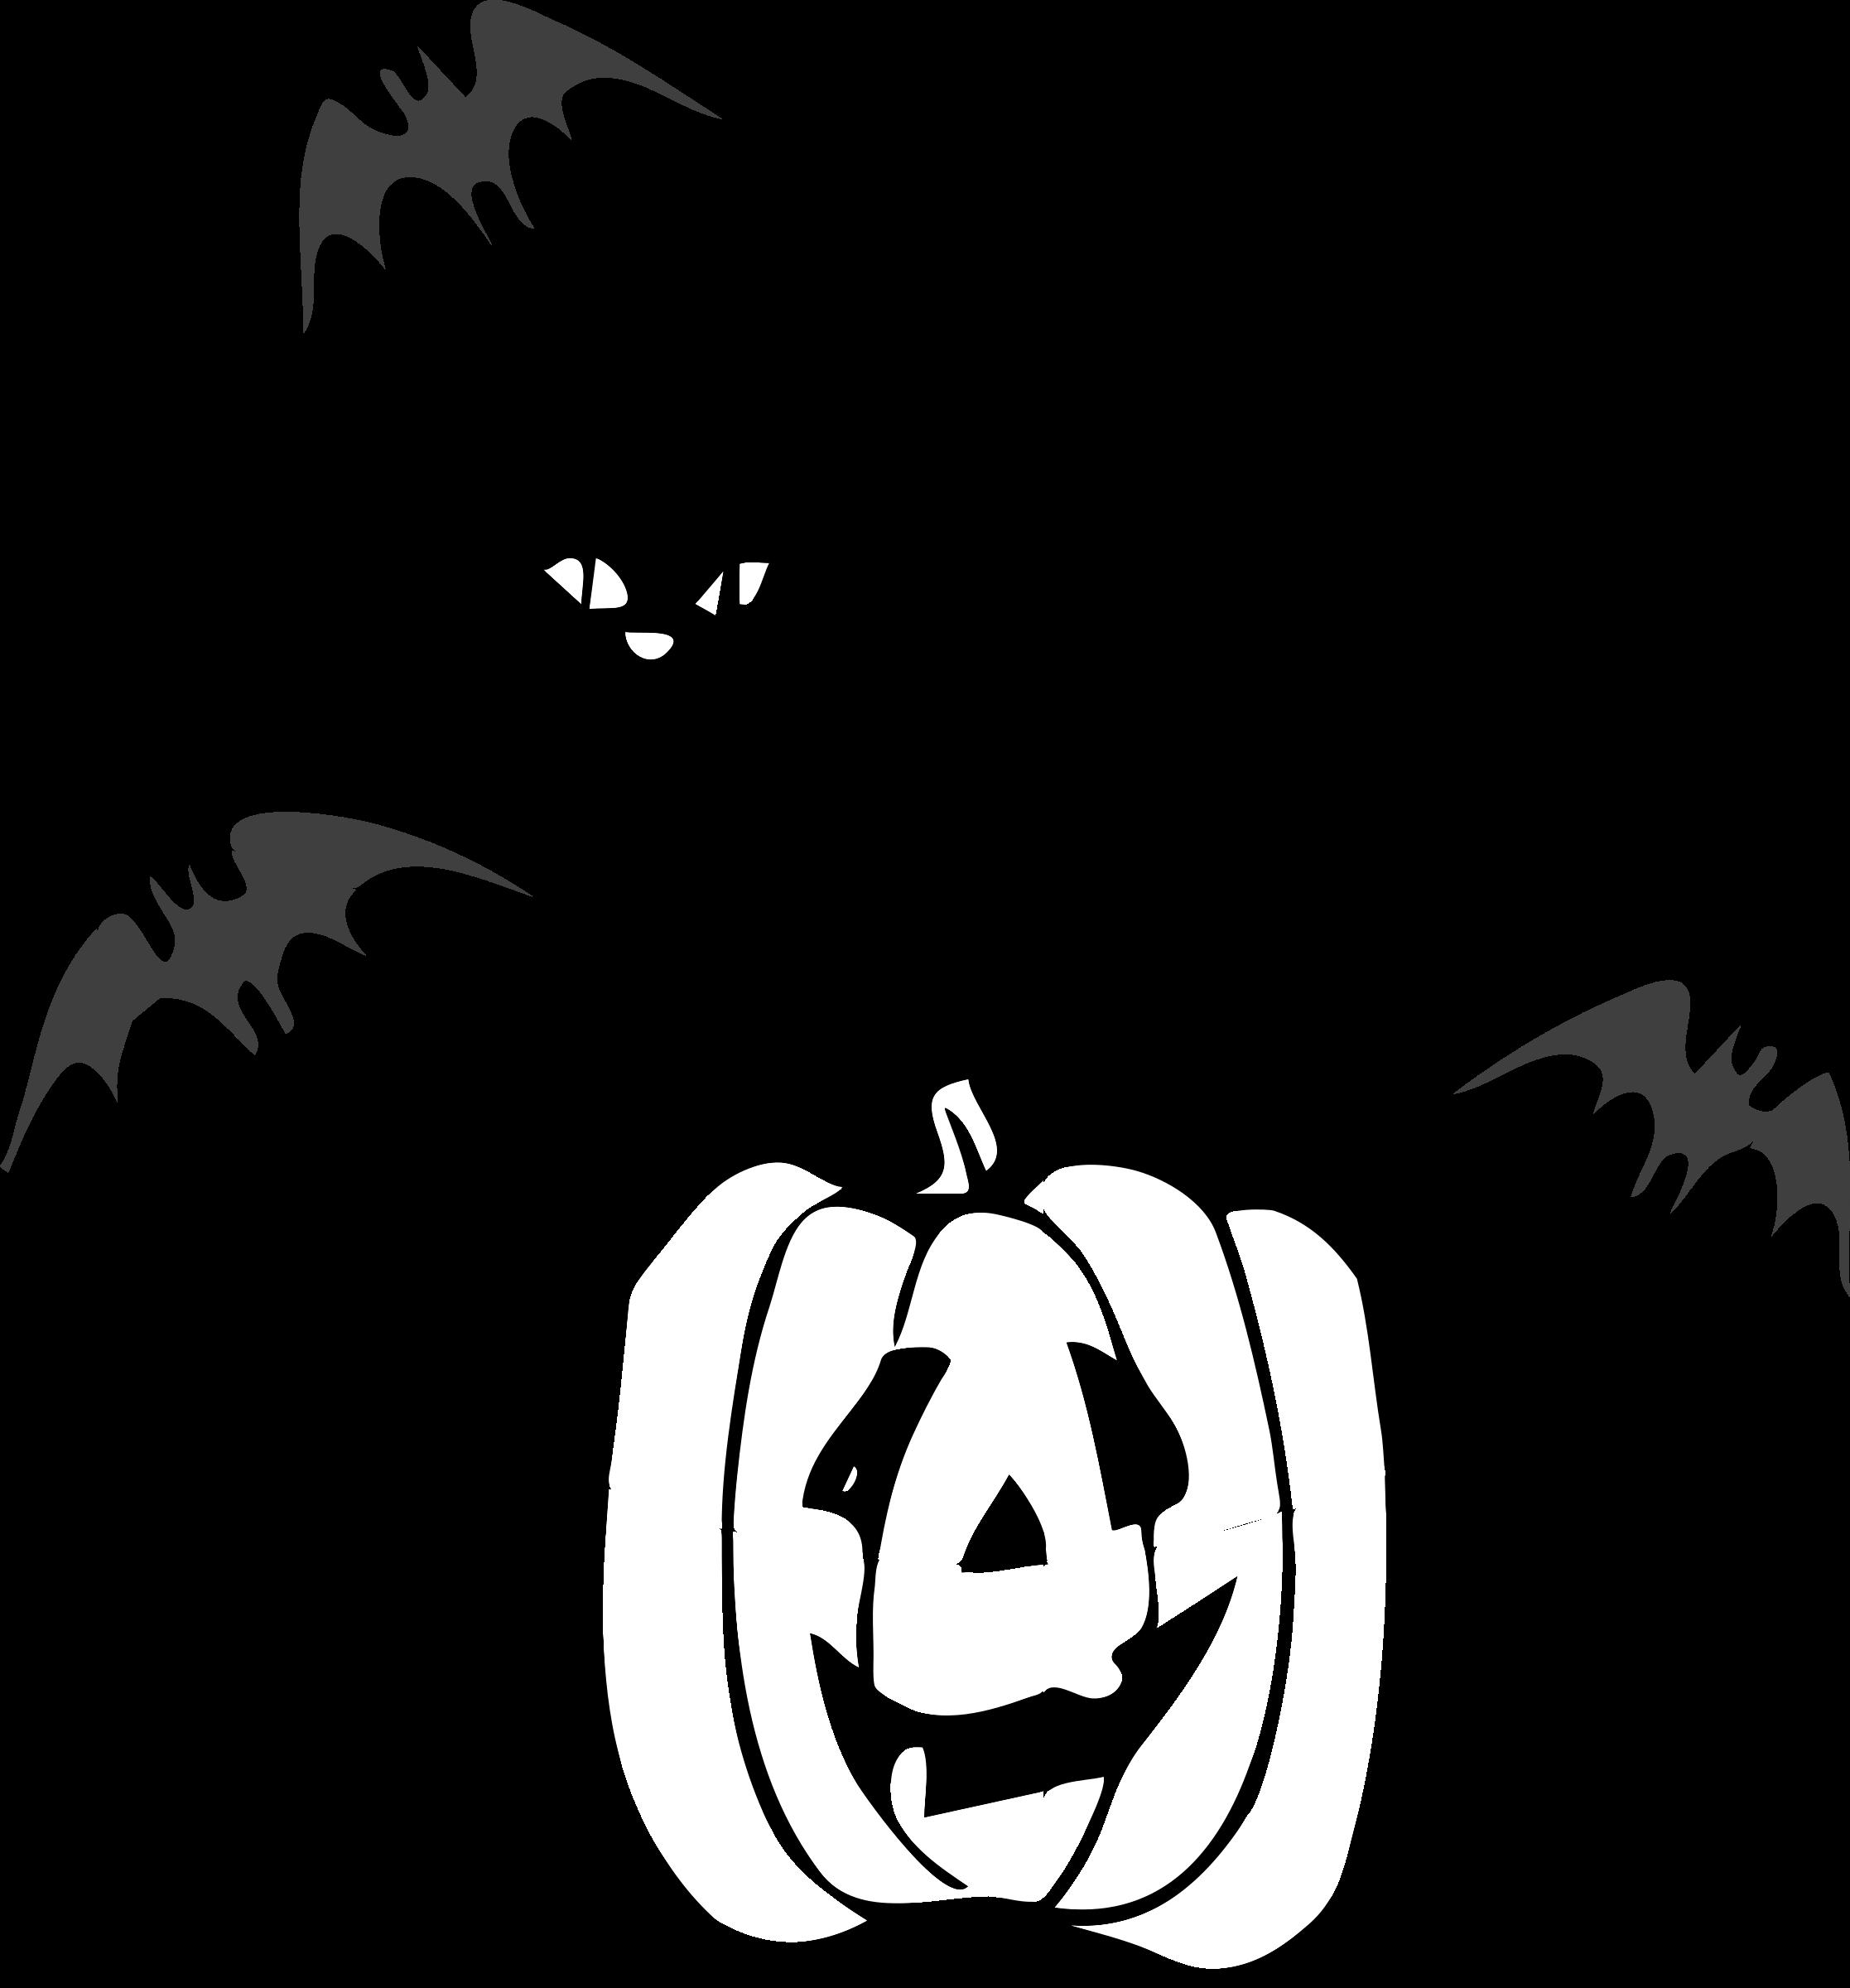 clipart bat cat